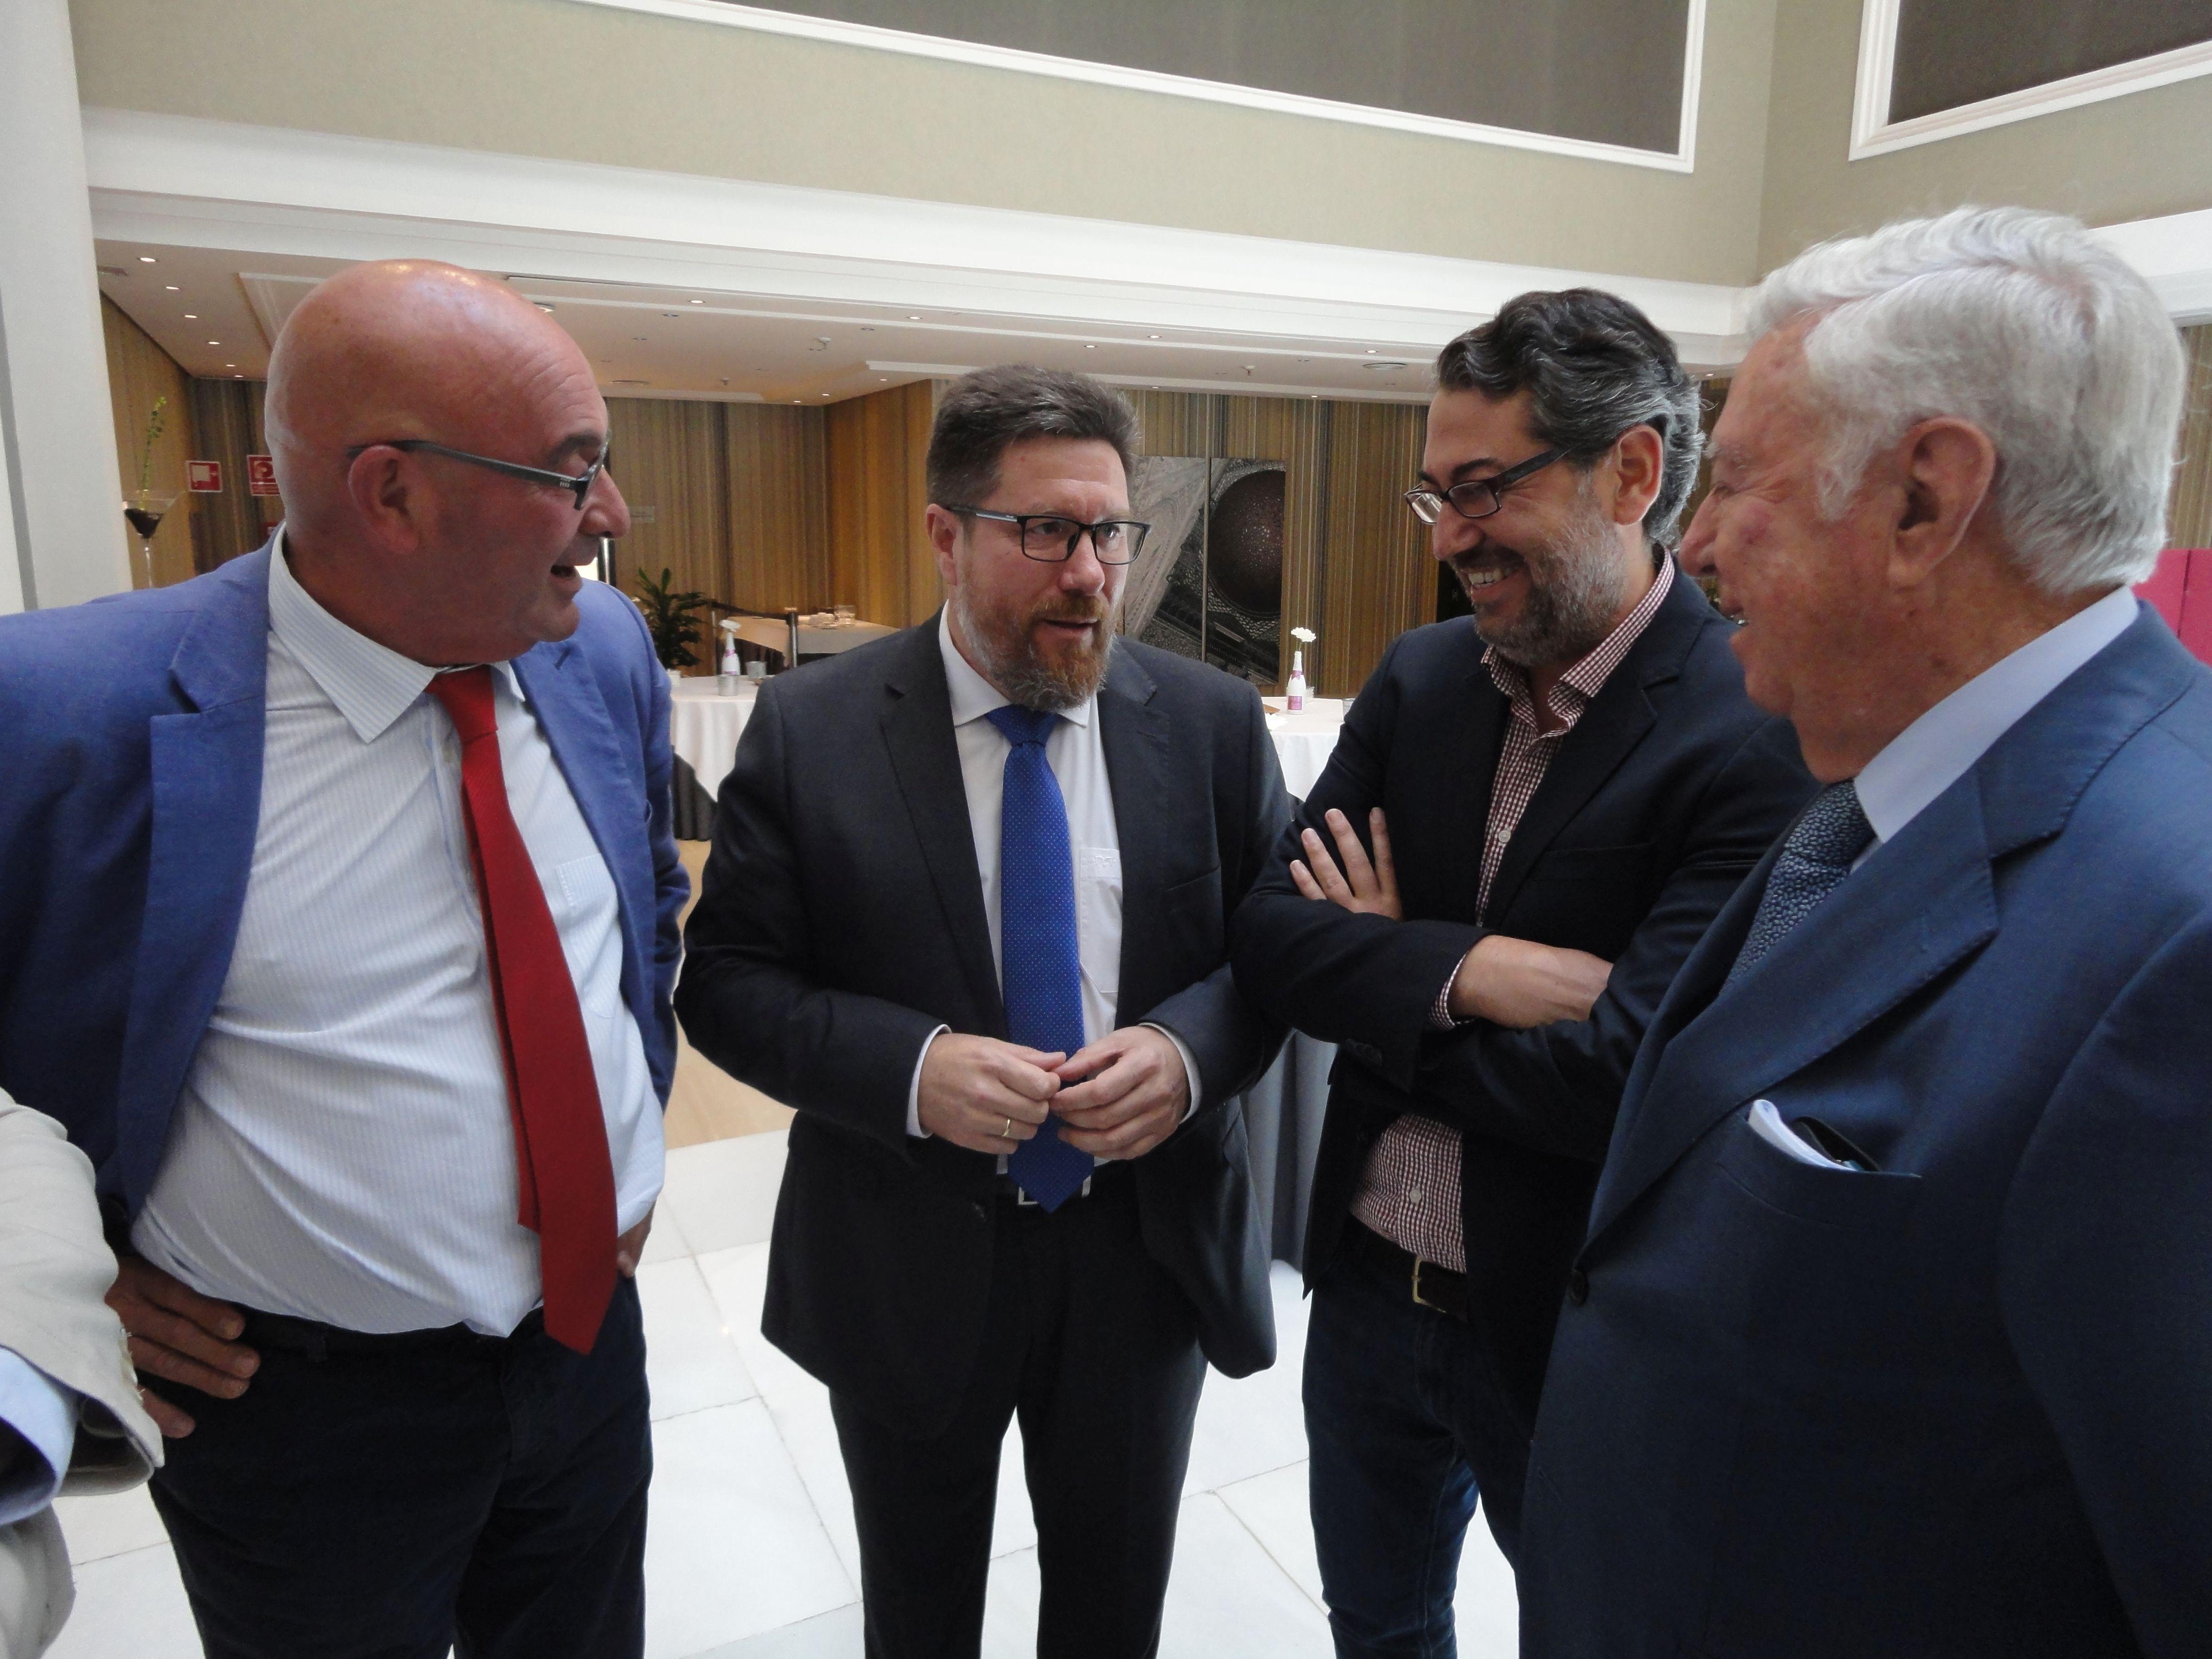 Leal Rubio, presidente; Sánchez Haro, consejero de Agricultura; Benítez Fernández, delegado de Agricultura ; y García Palacios, presidente de Fundación Caja Rural del Sur.